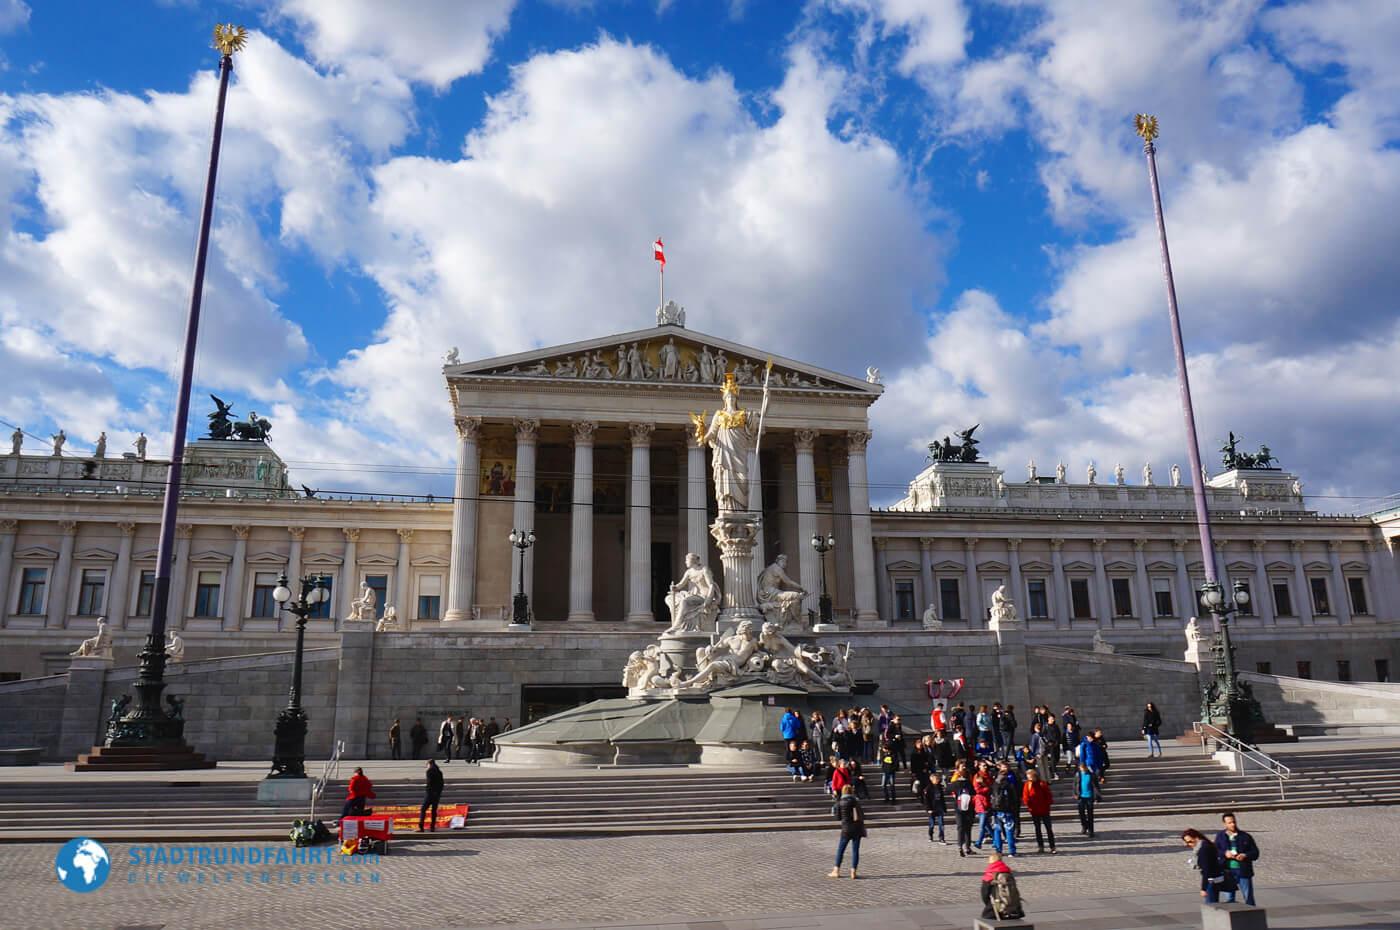 Stadtrundfahrt in Wien - 14 Haltestellen mit vielen Highlights